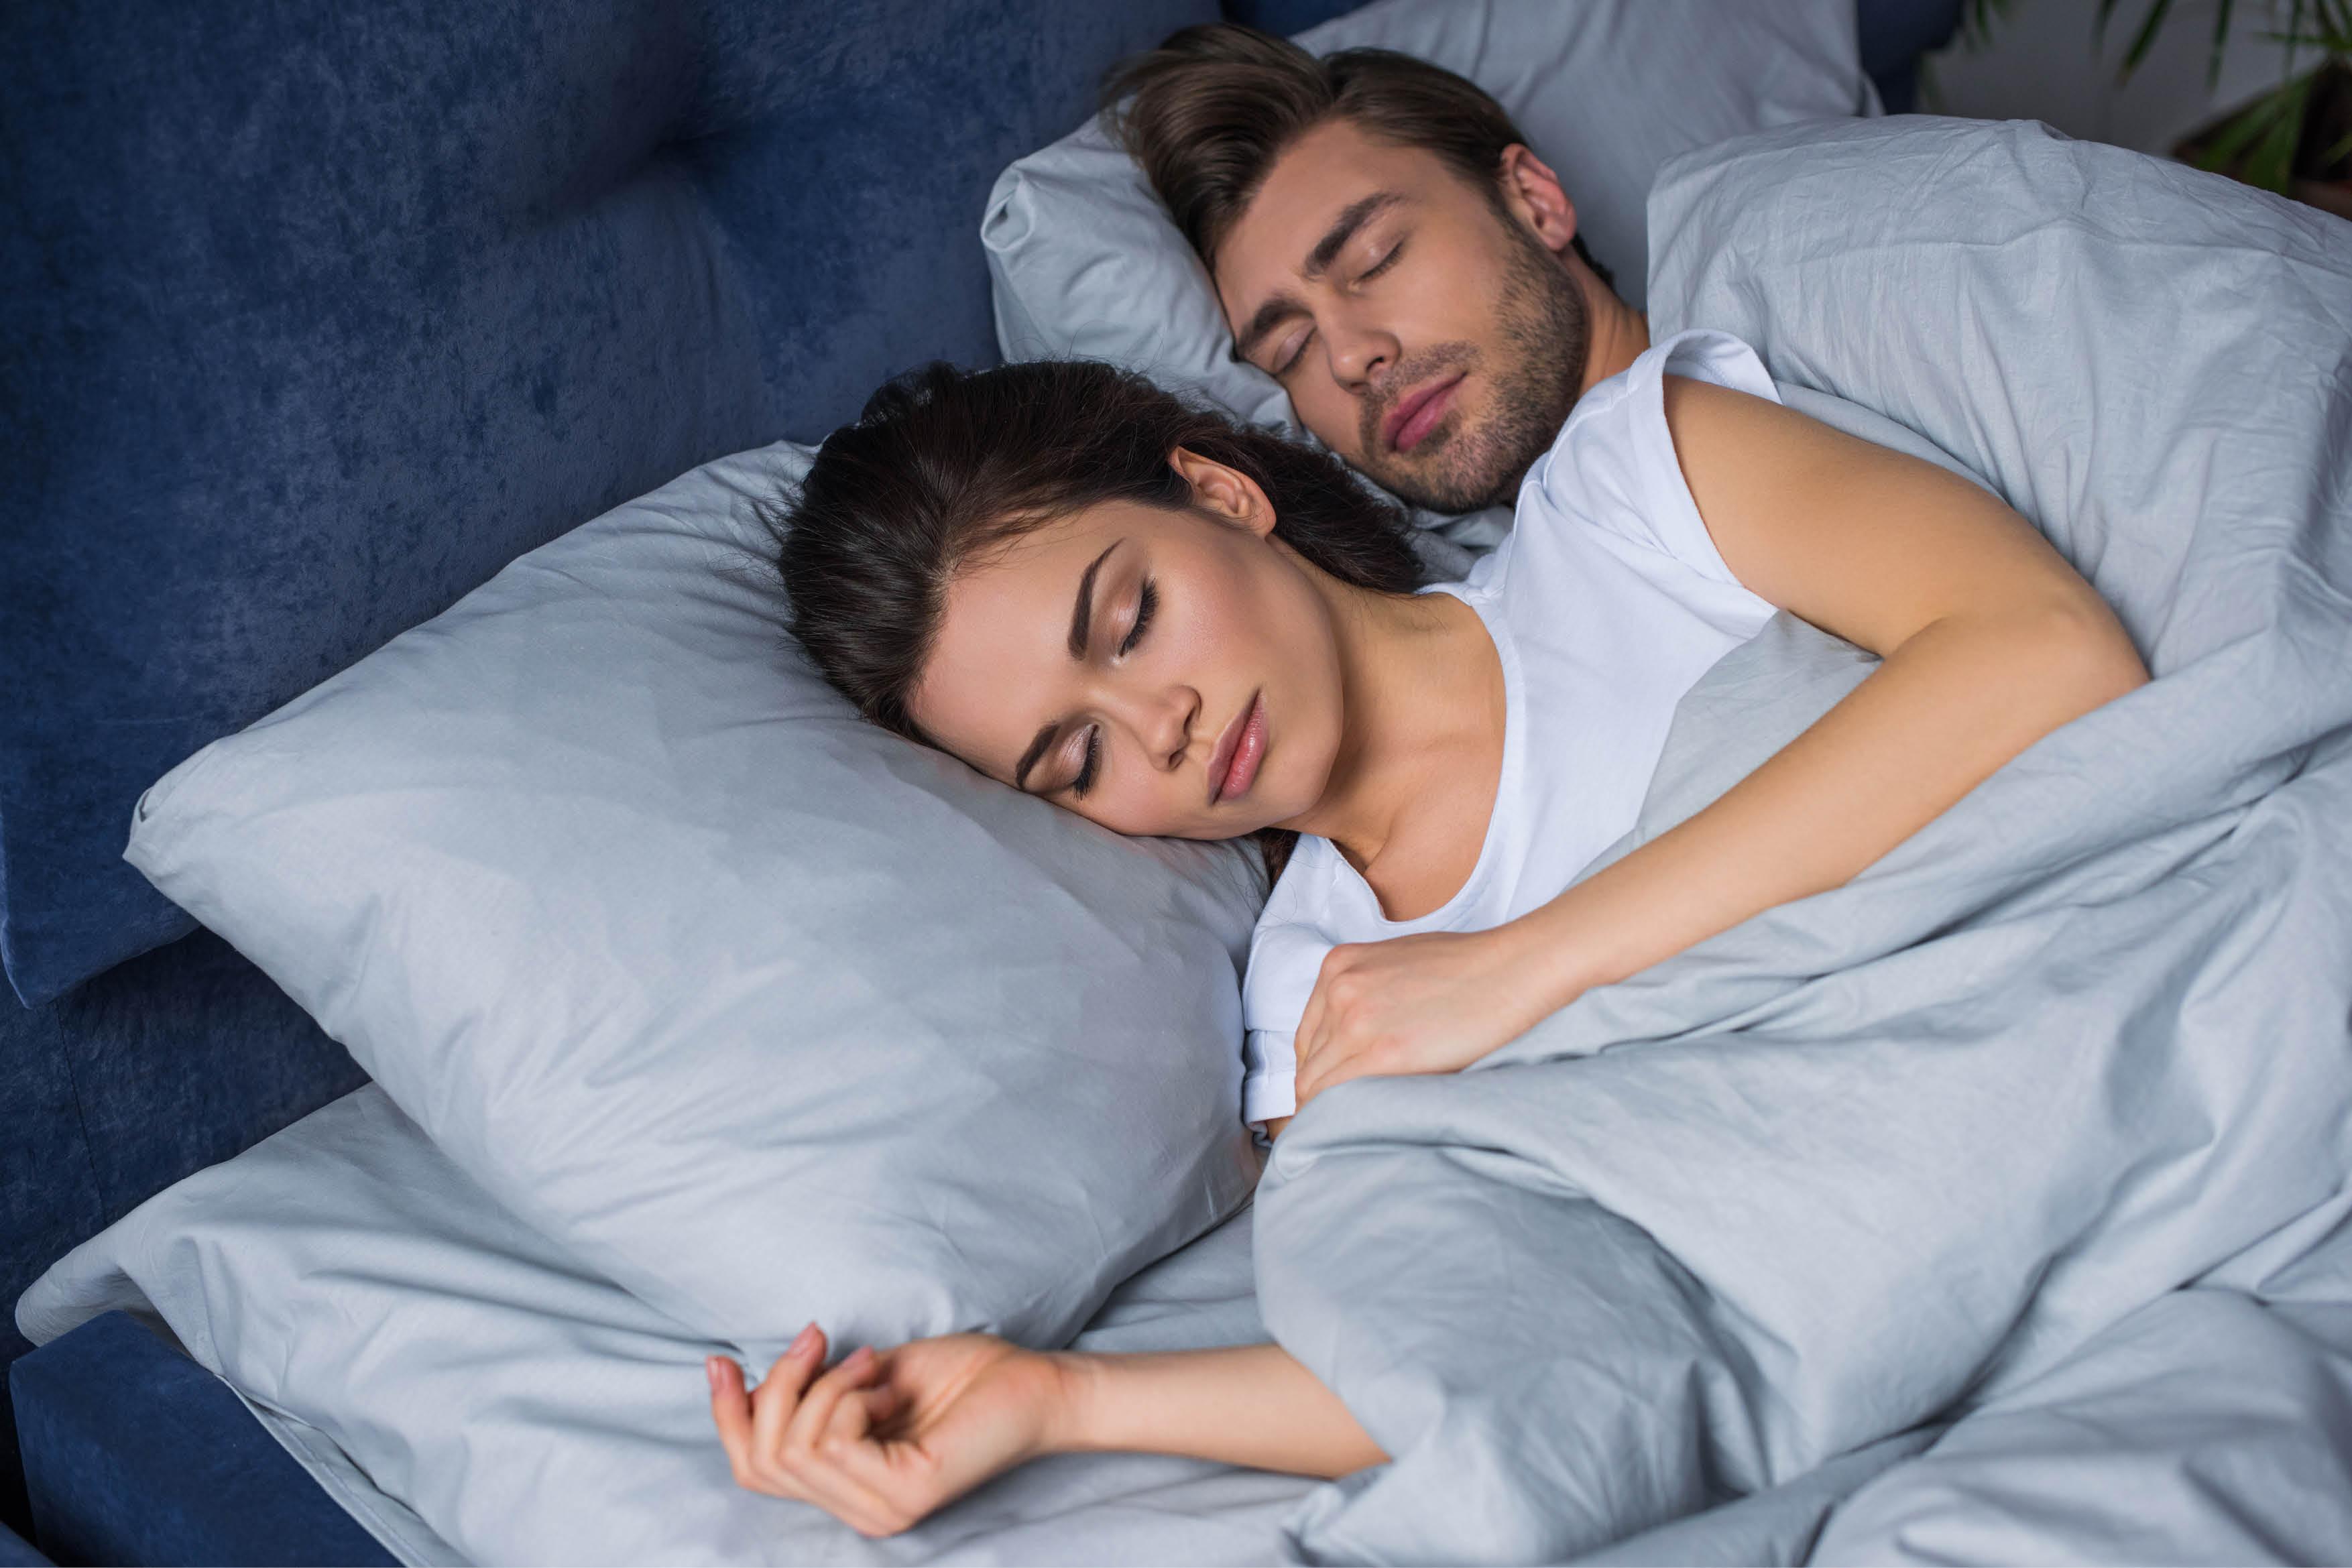 Znižanje temperature spalnega prostora bo pomagalo hitreje ponovno zaspati in omogočilo globlji spanec